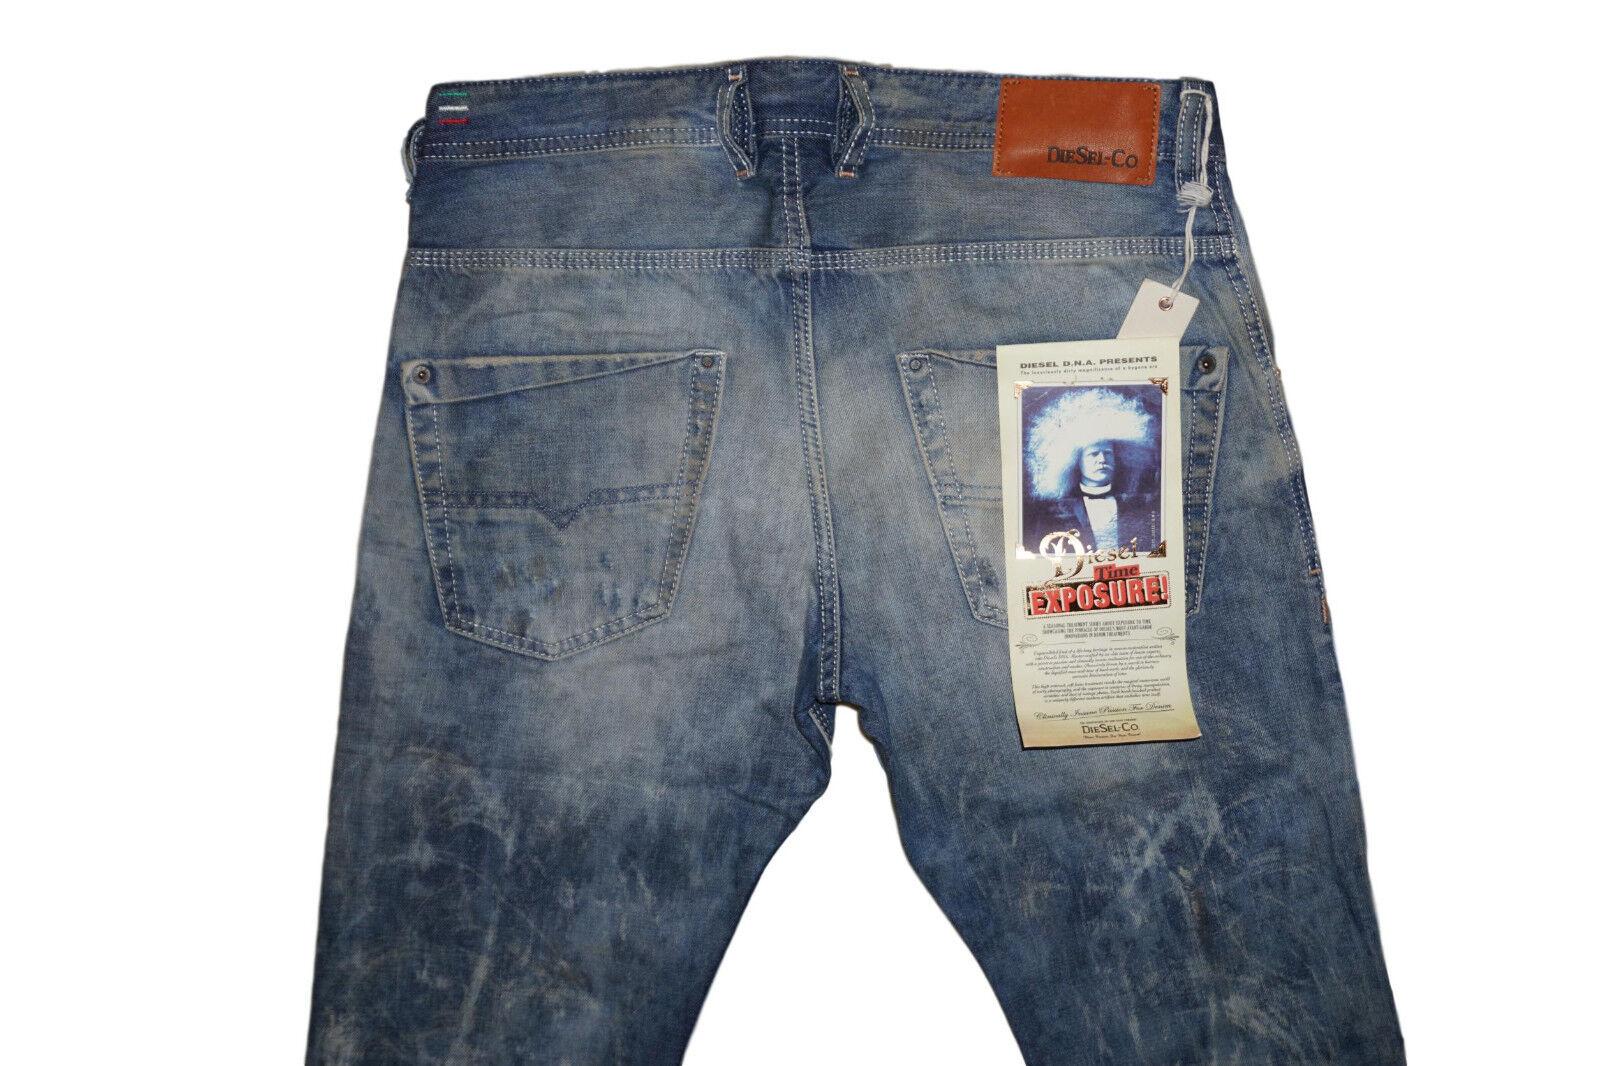 DIESEL Krooley 0886P Jeans Jeans Jeans W31 L32 100% AUTENTICO e25033